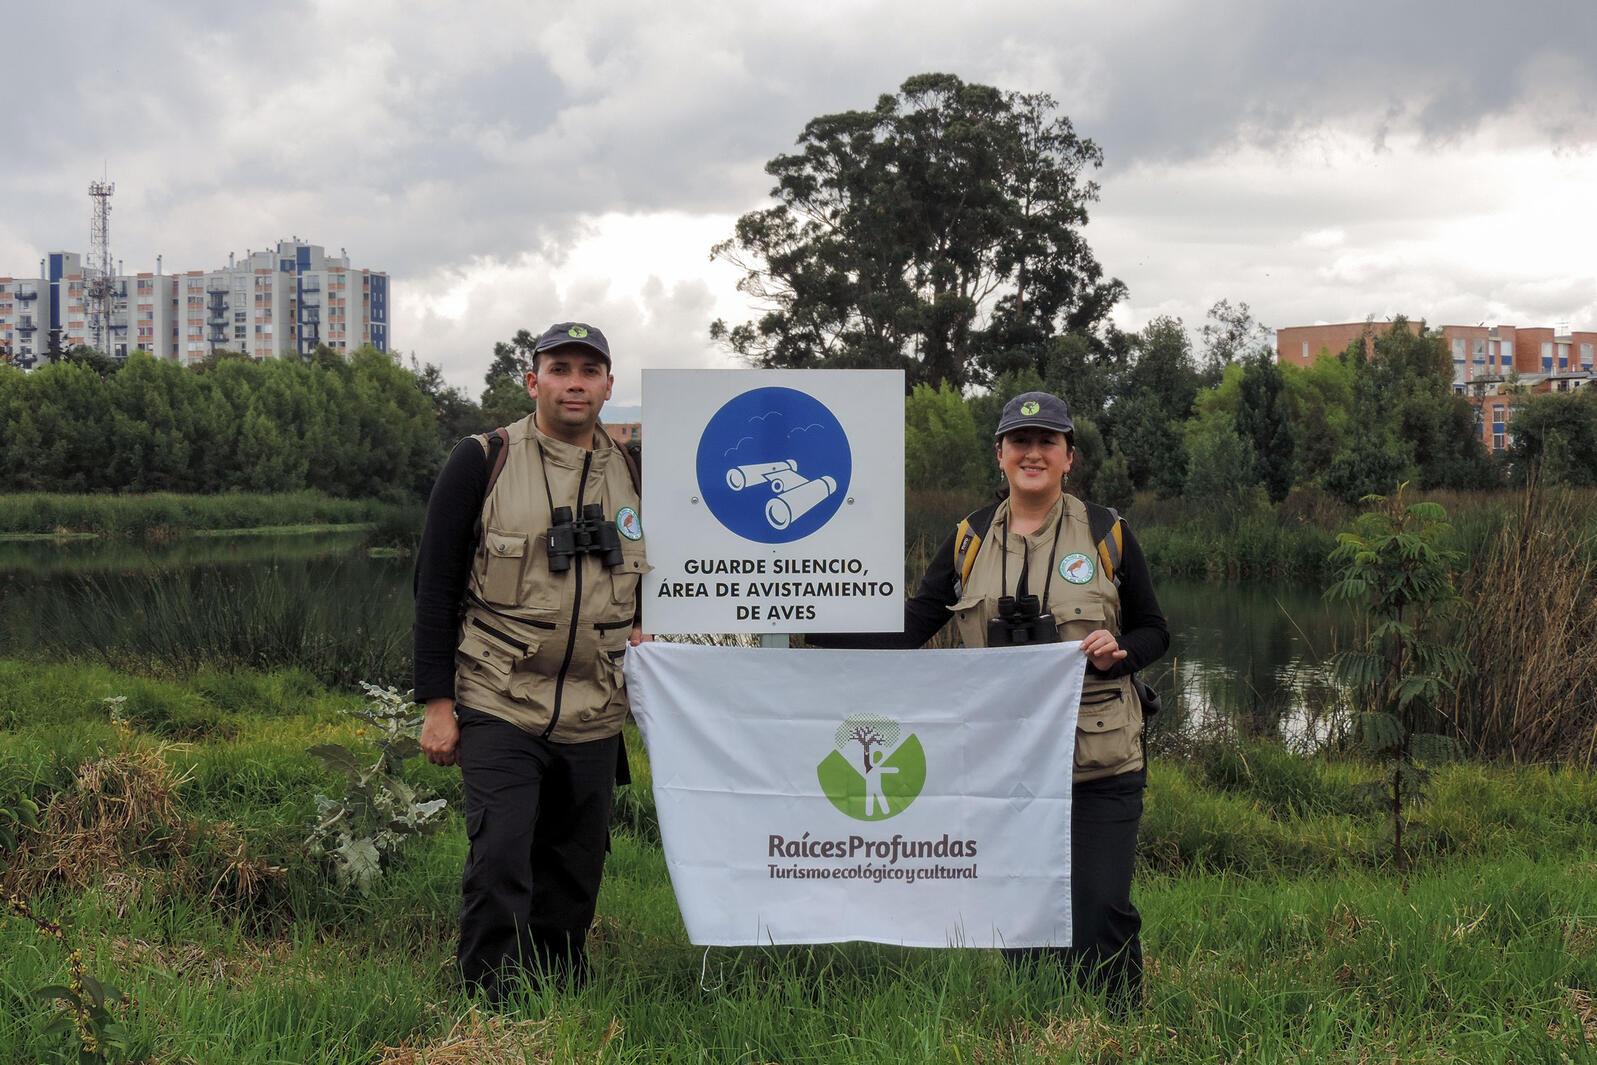 Liliana Marcela Ospina Sanchez y Juan Carlos Rubiano Reyes. Raíces Profundas Turismo Ecológico y Cultural